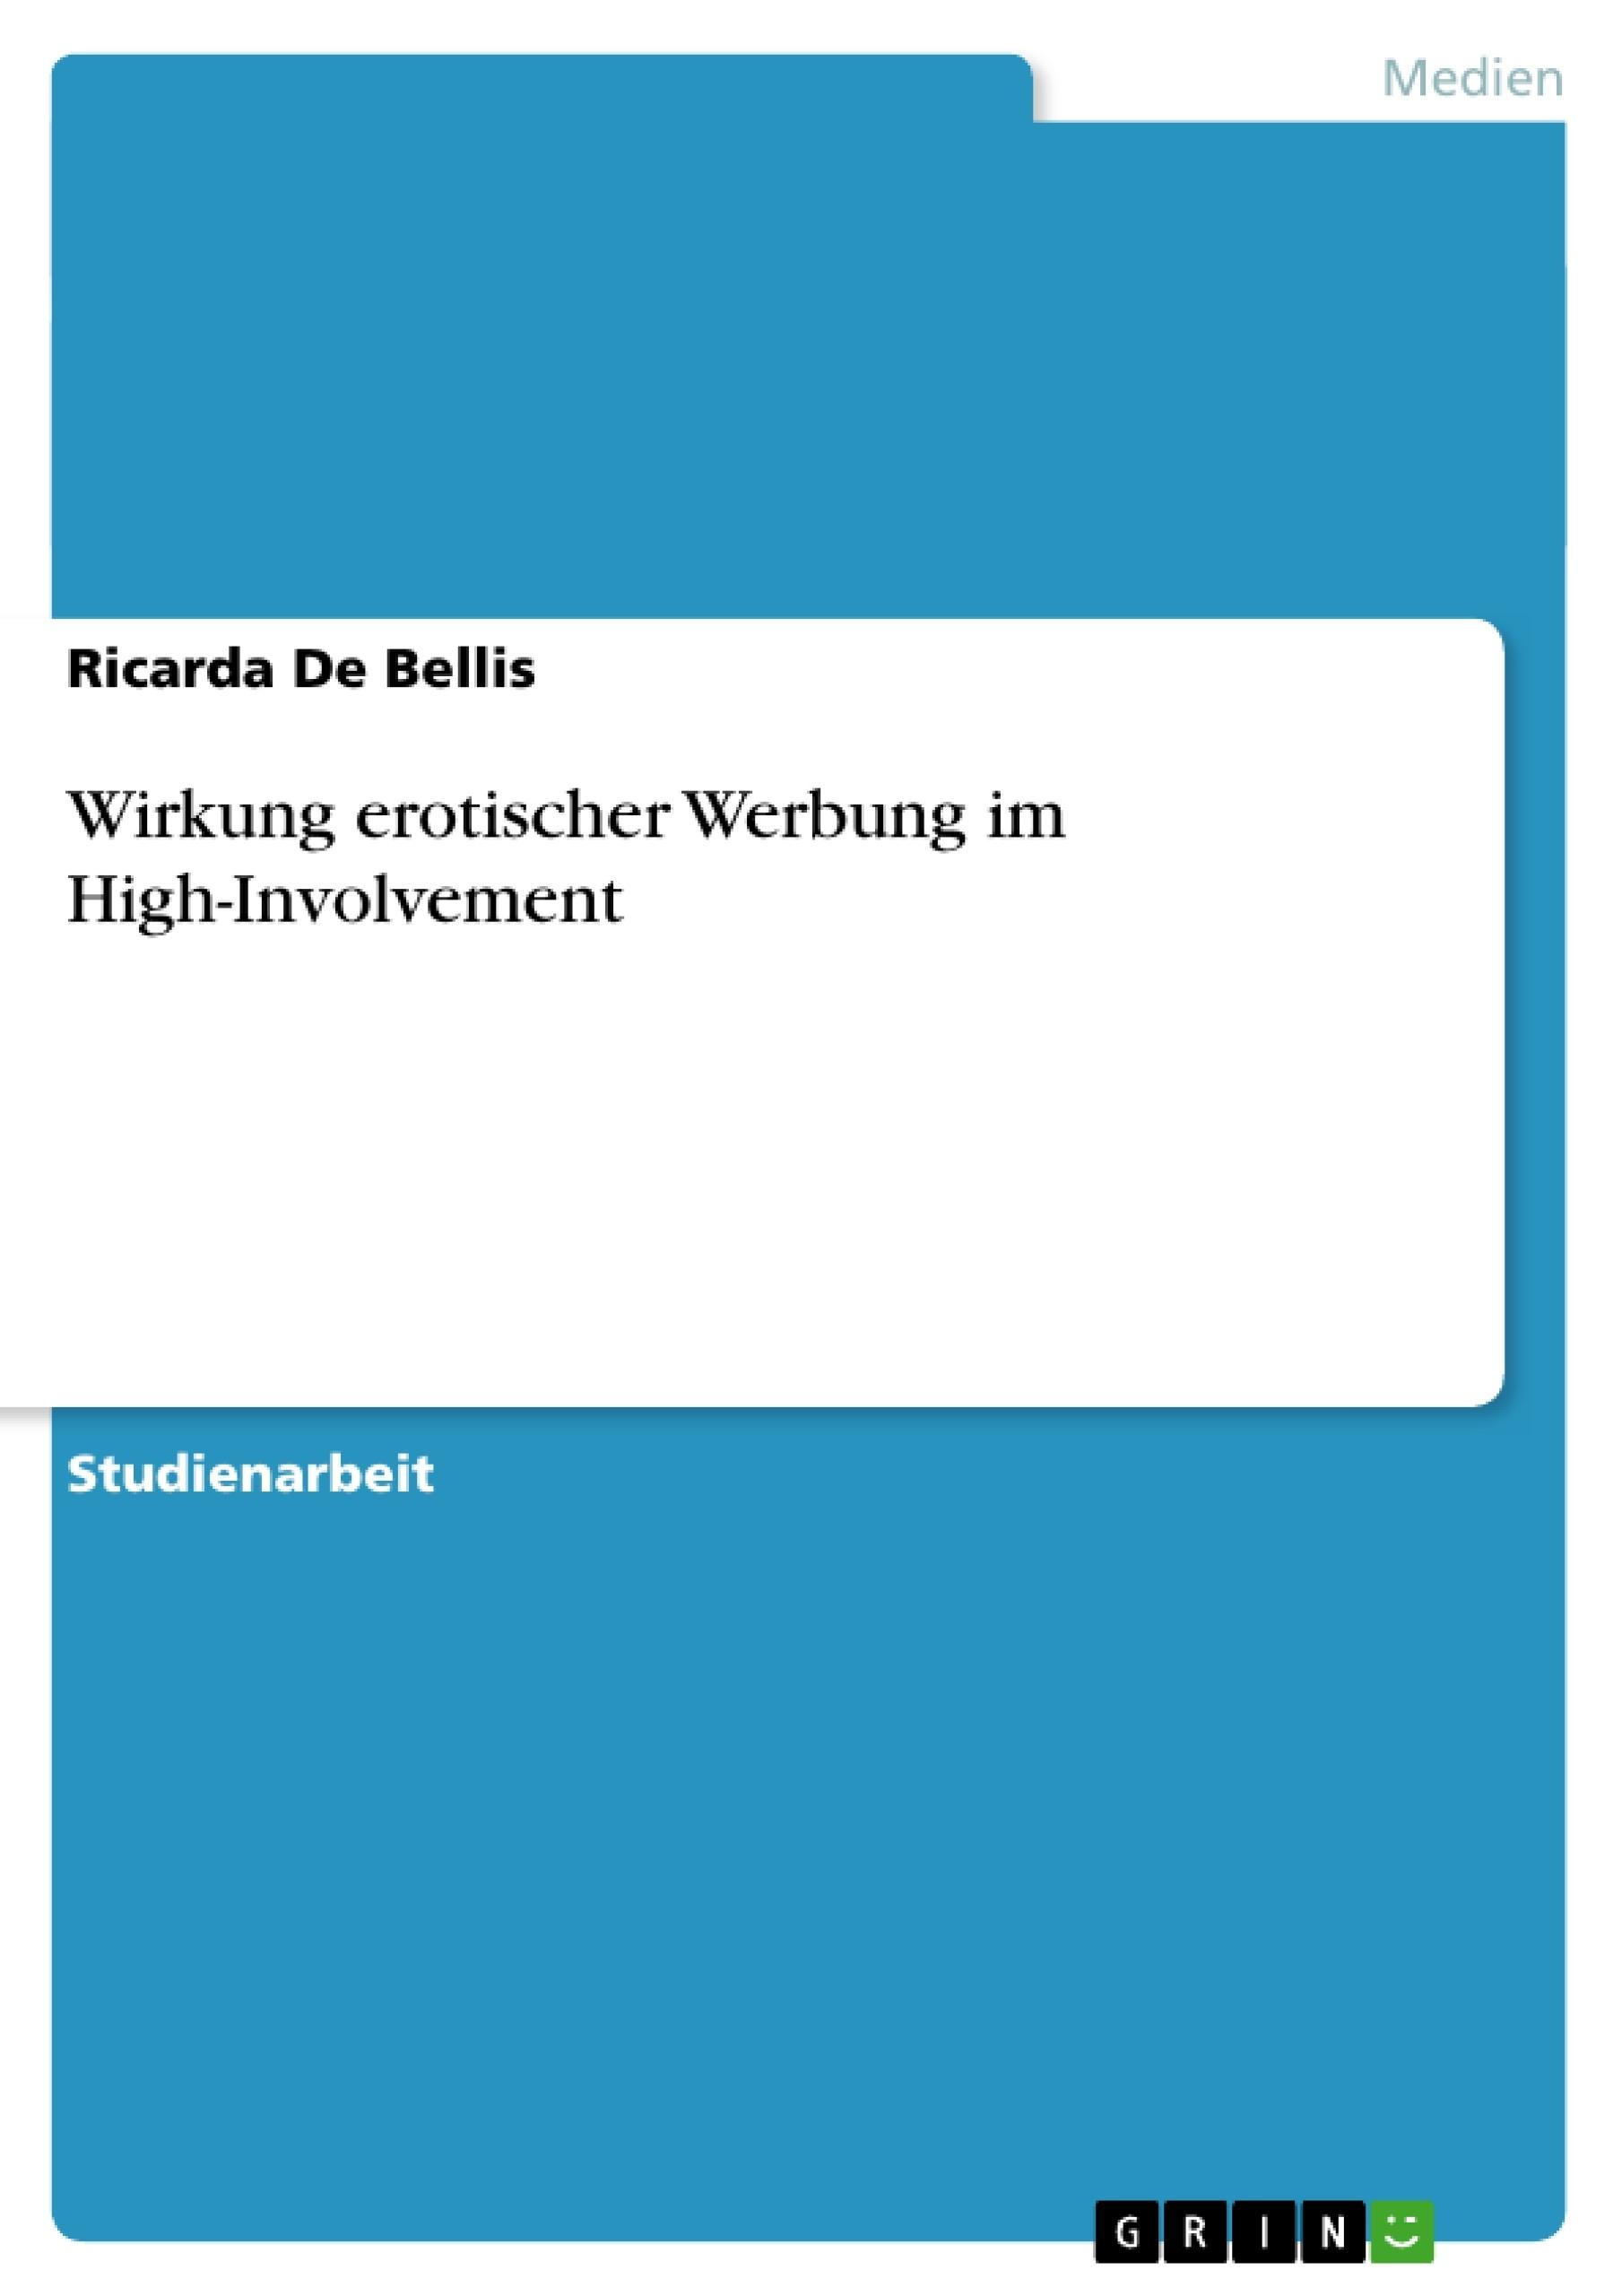 Titel: Wirkung erotischer Werbung im High-Involvement